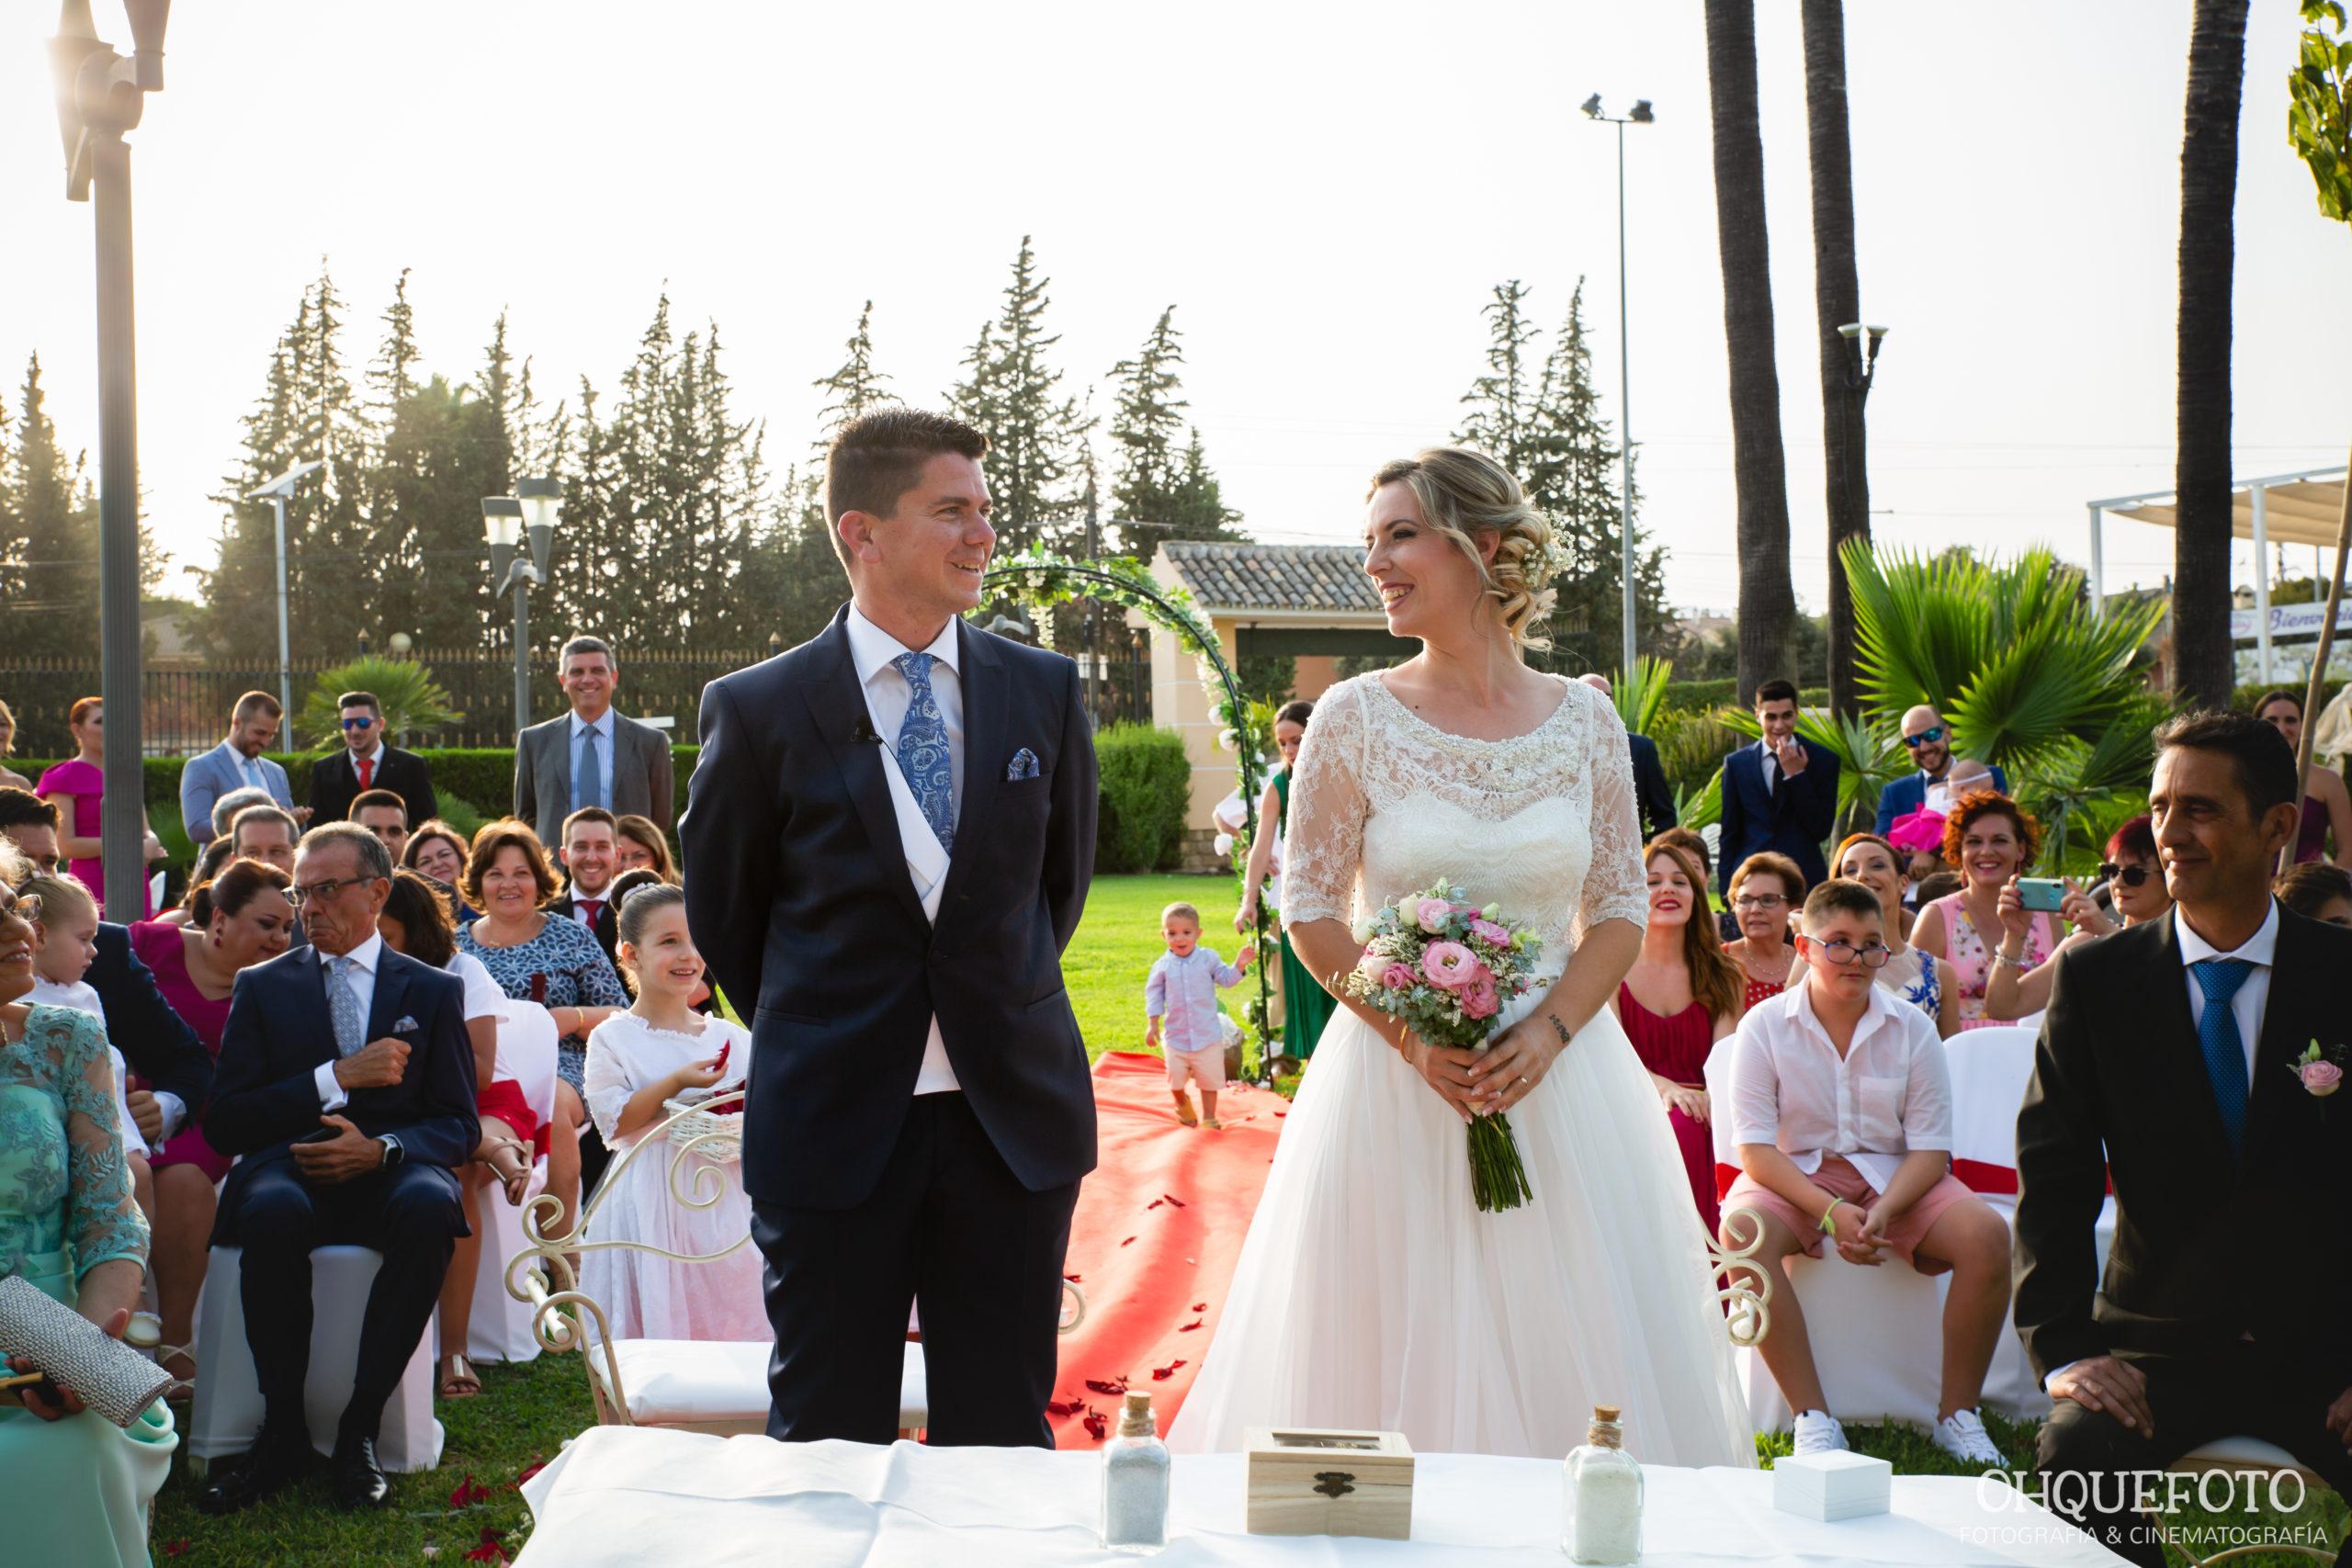 Boda-en-los-Jardines-del-Cardador-cordoba-reportaje-de-bodas9